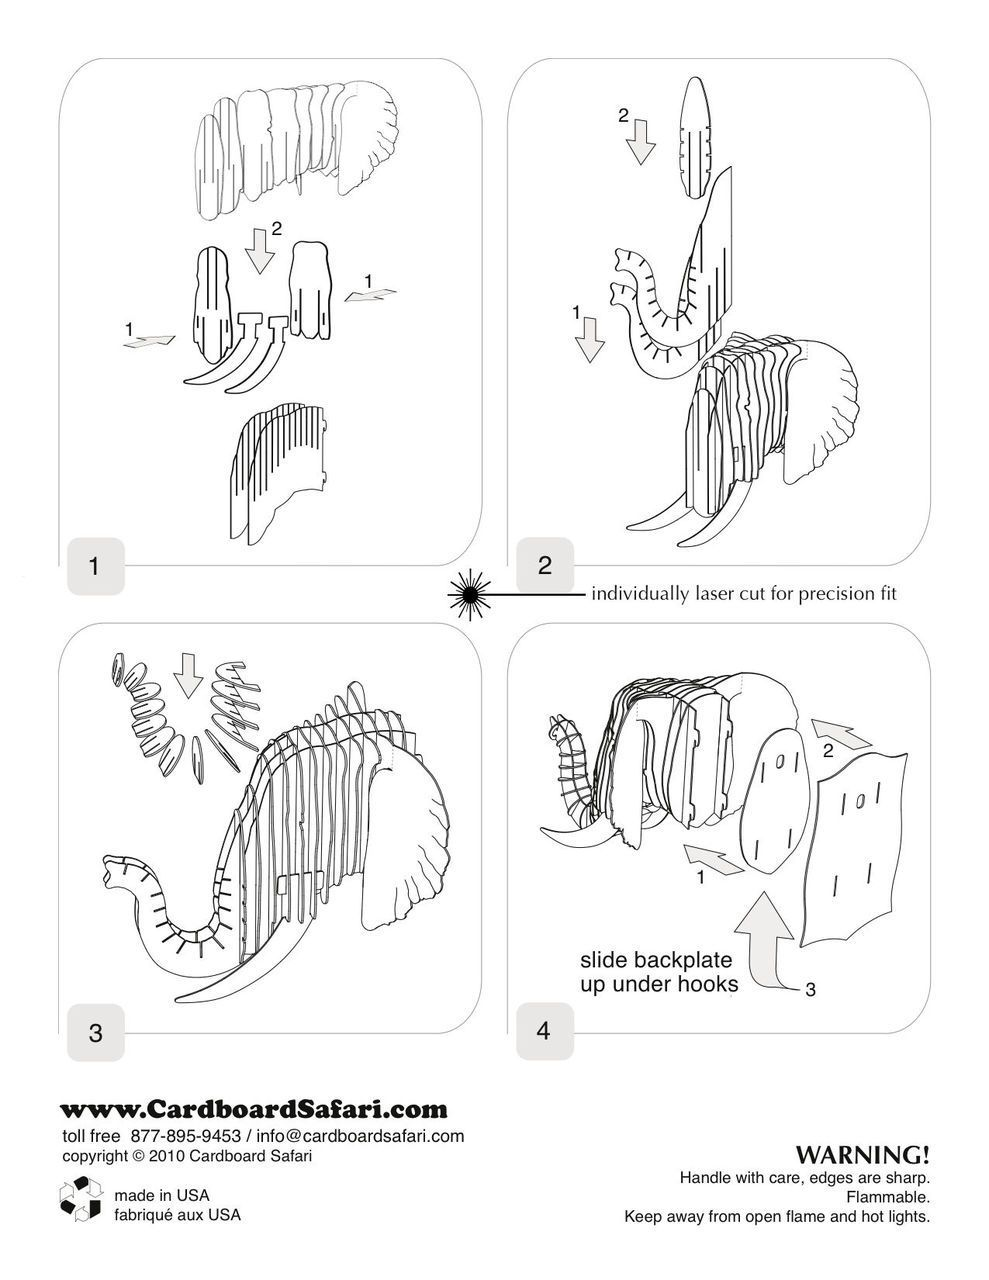 cardboard safari plantillas gratis - Buscar con Google | Proyectos ...